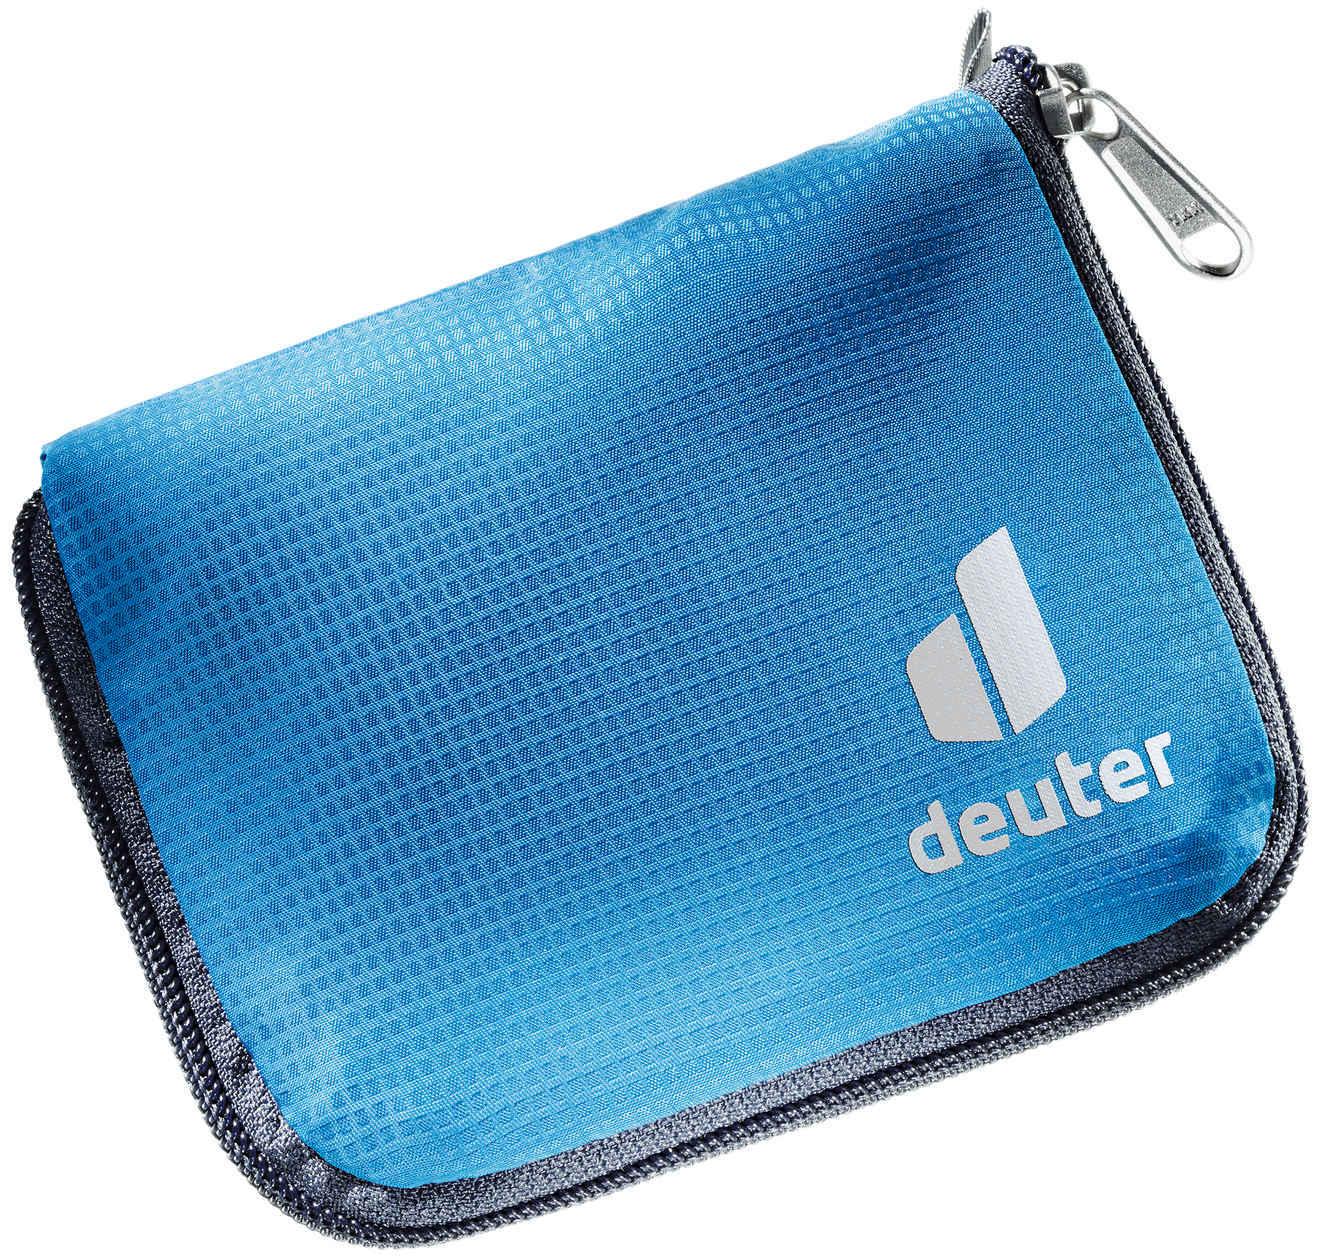 Новинки Кошелек Deuter Zip Wallet (2021) 3922421-3025-ZipWallet-16-d0.jpg